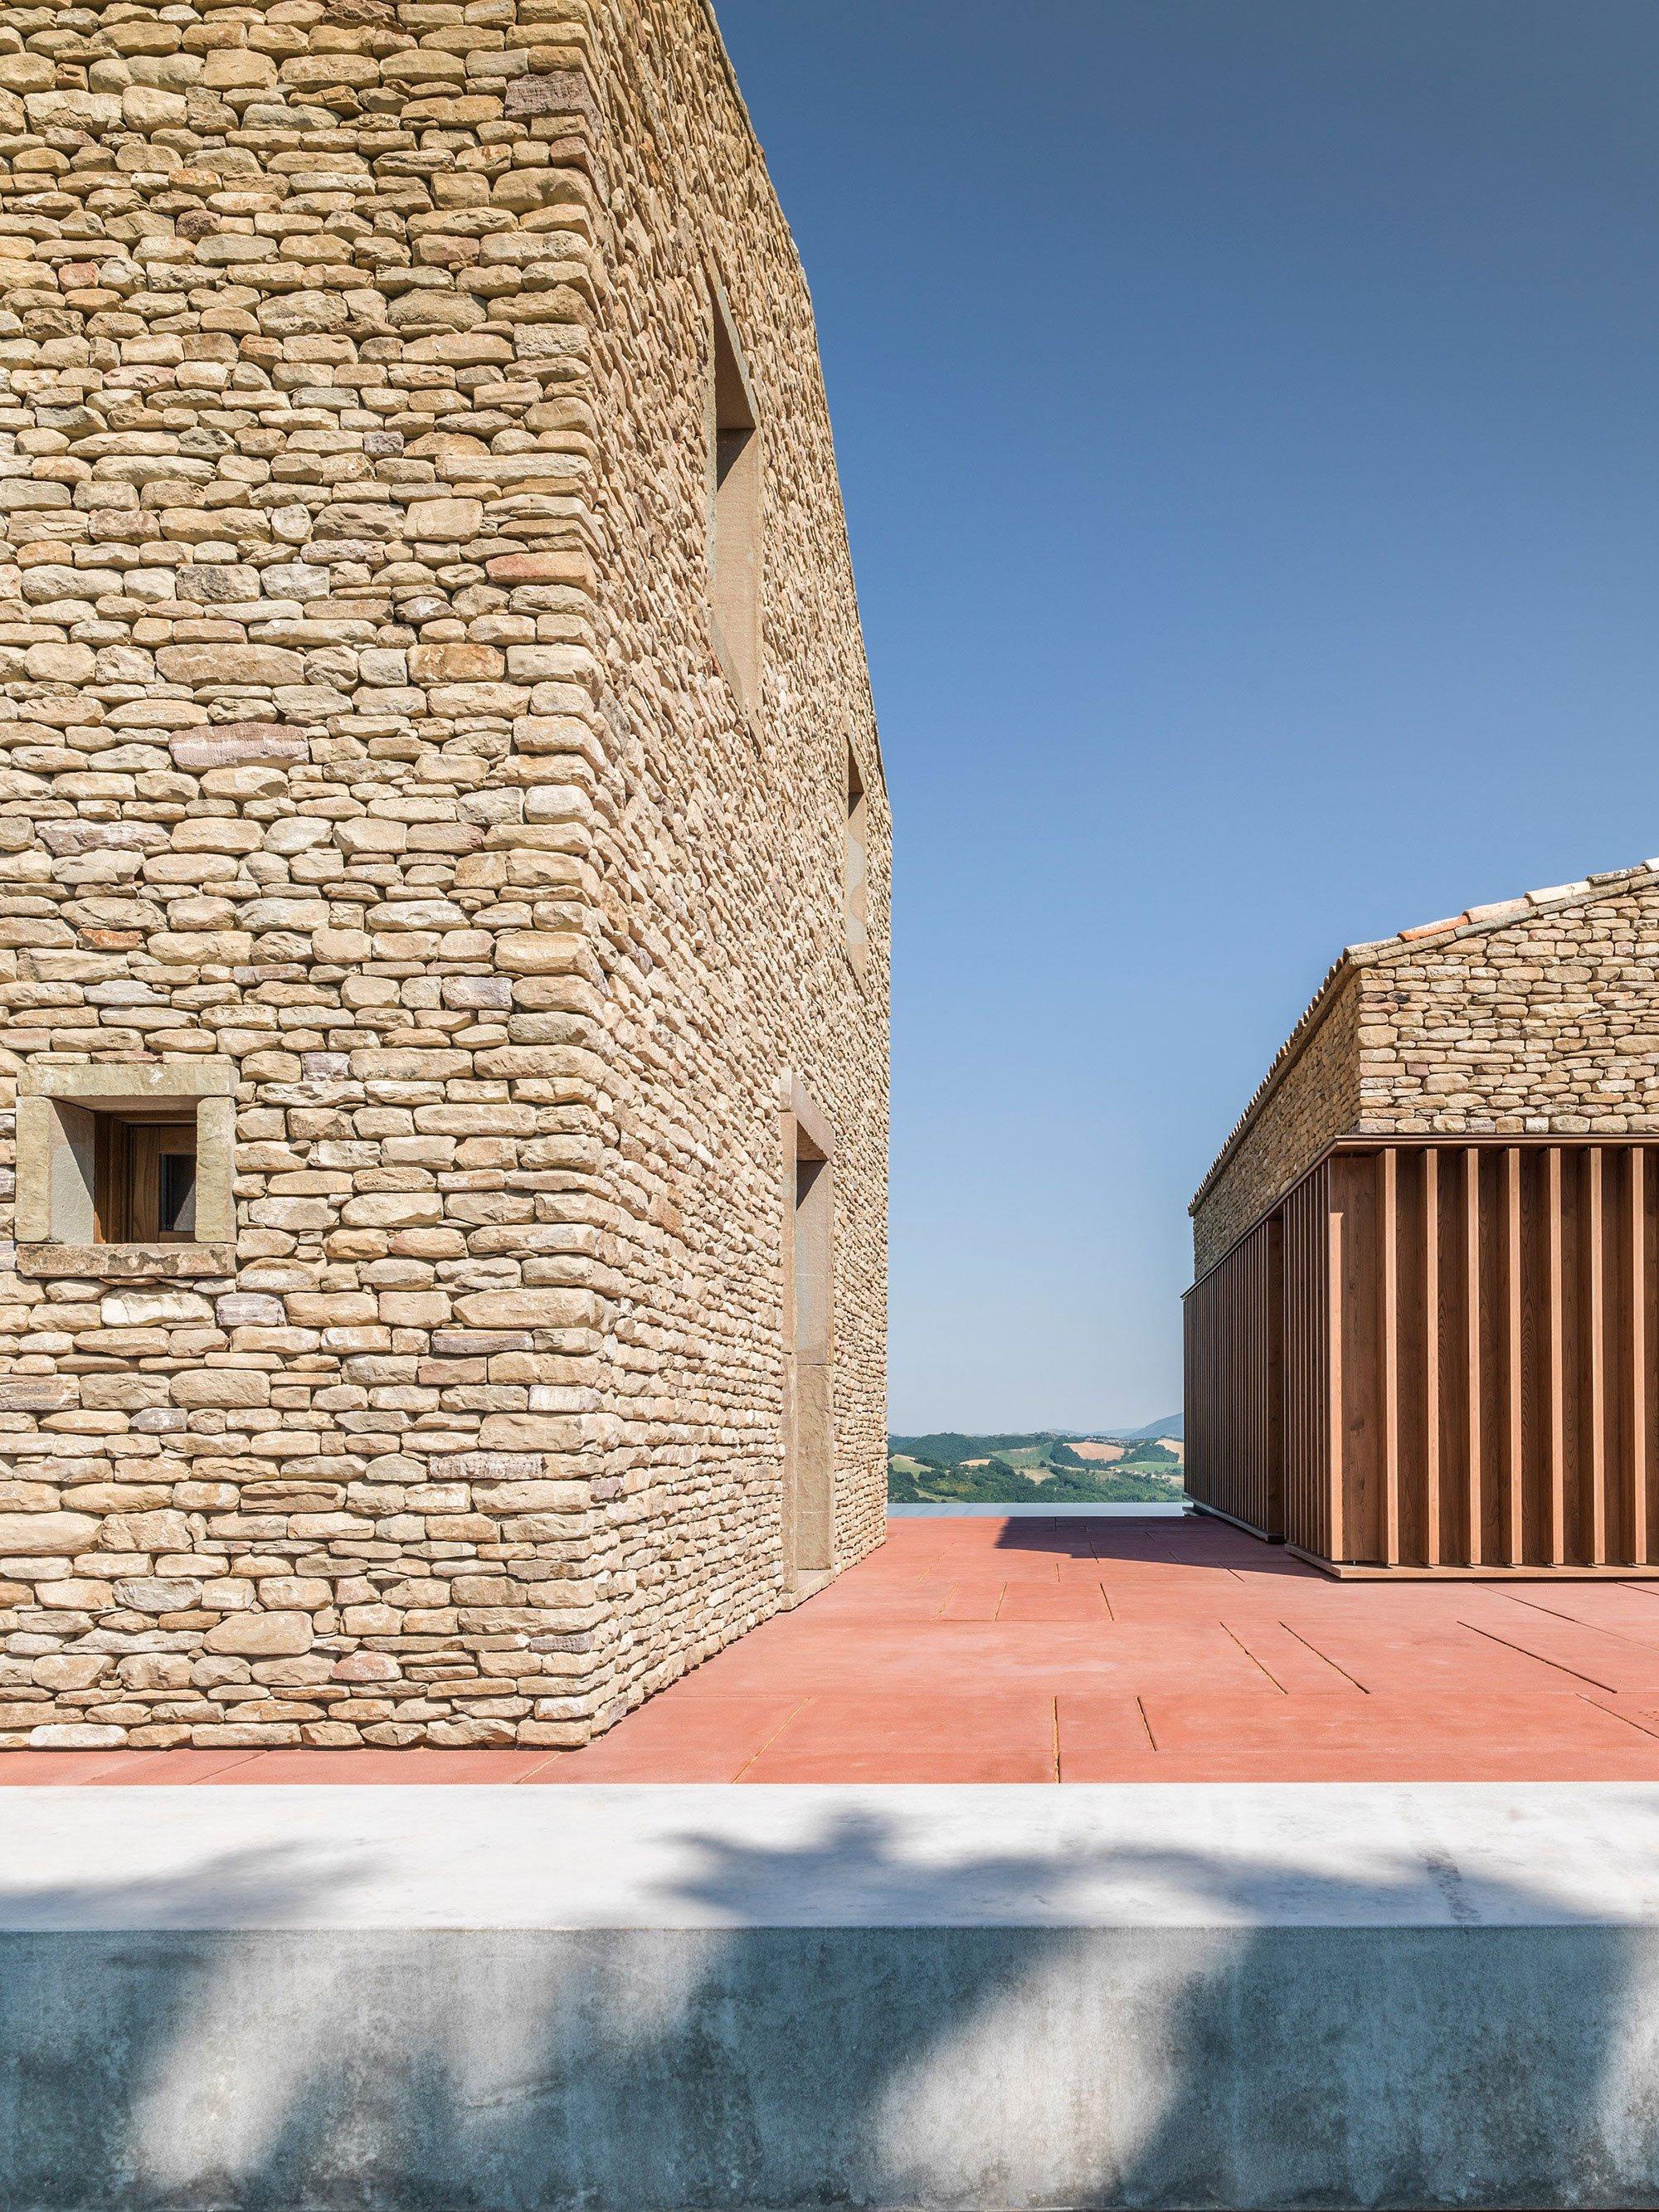 A modern italian stone house ap house by gga architects for Modern stone houses architecture